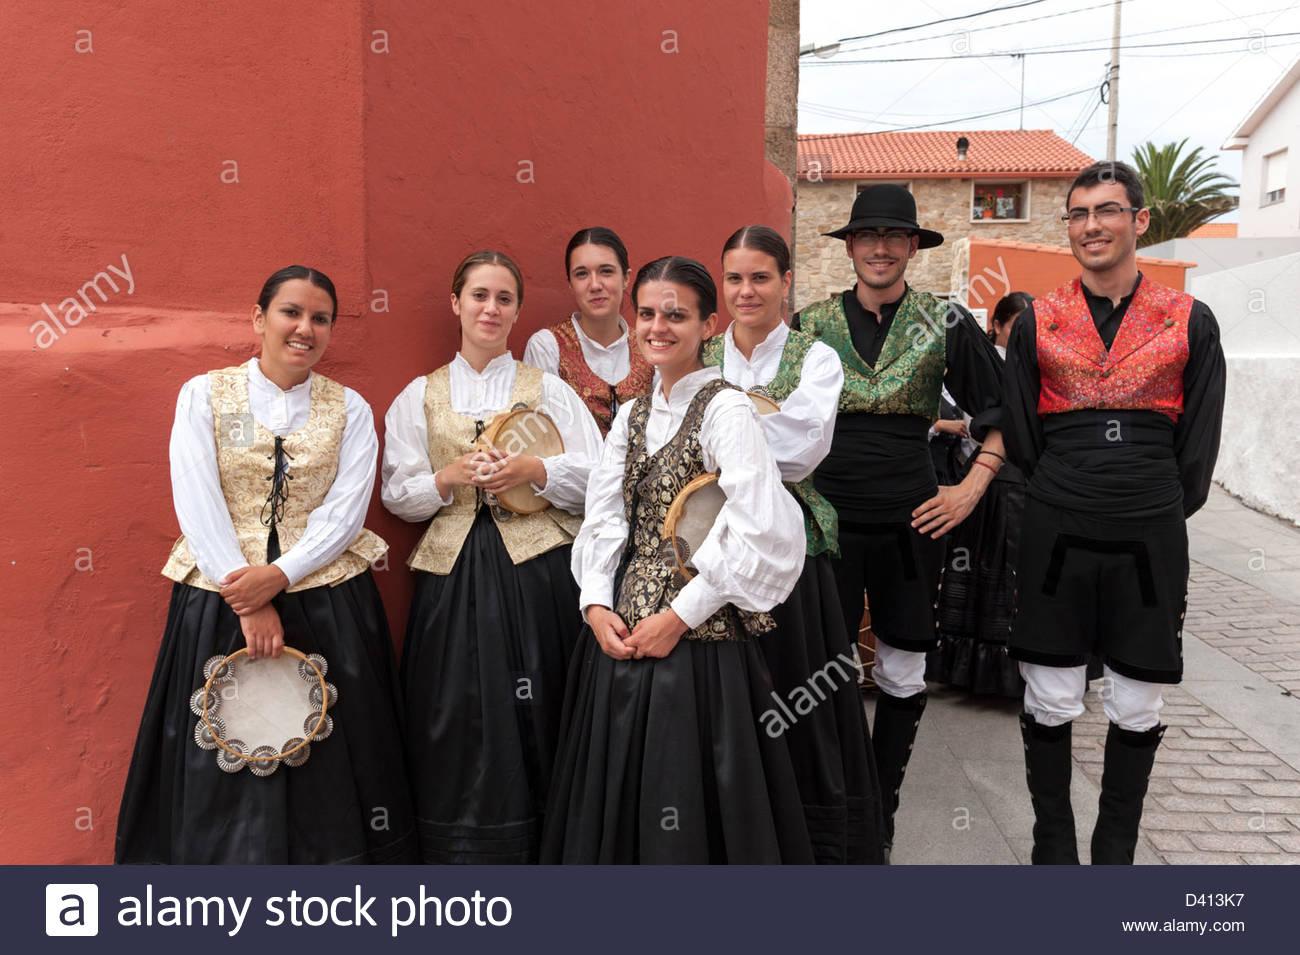 Bailarines de danza folklórica tradicional tomando un descanso durante las fiestas anuales, Corrubedo, Galicia, Imagen De Stock